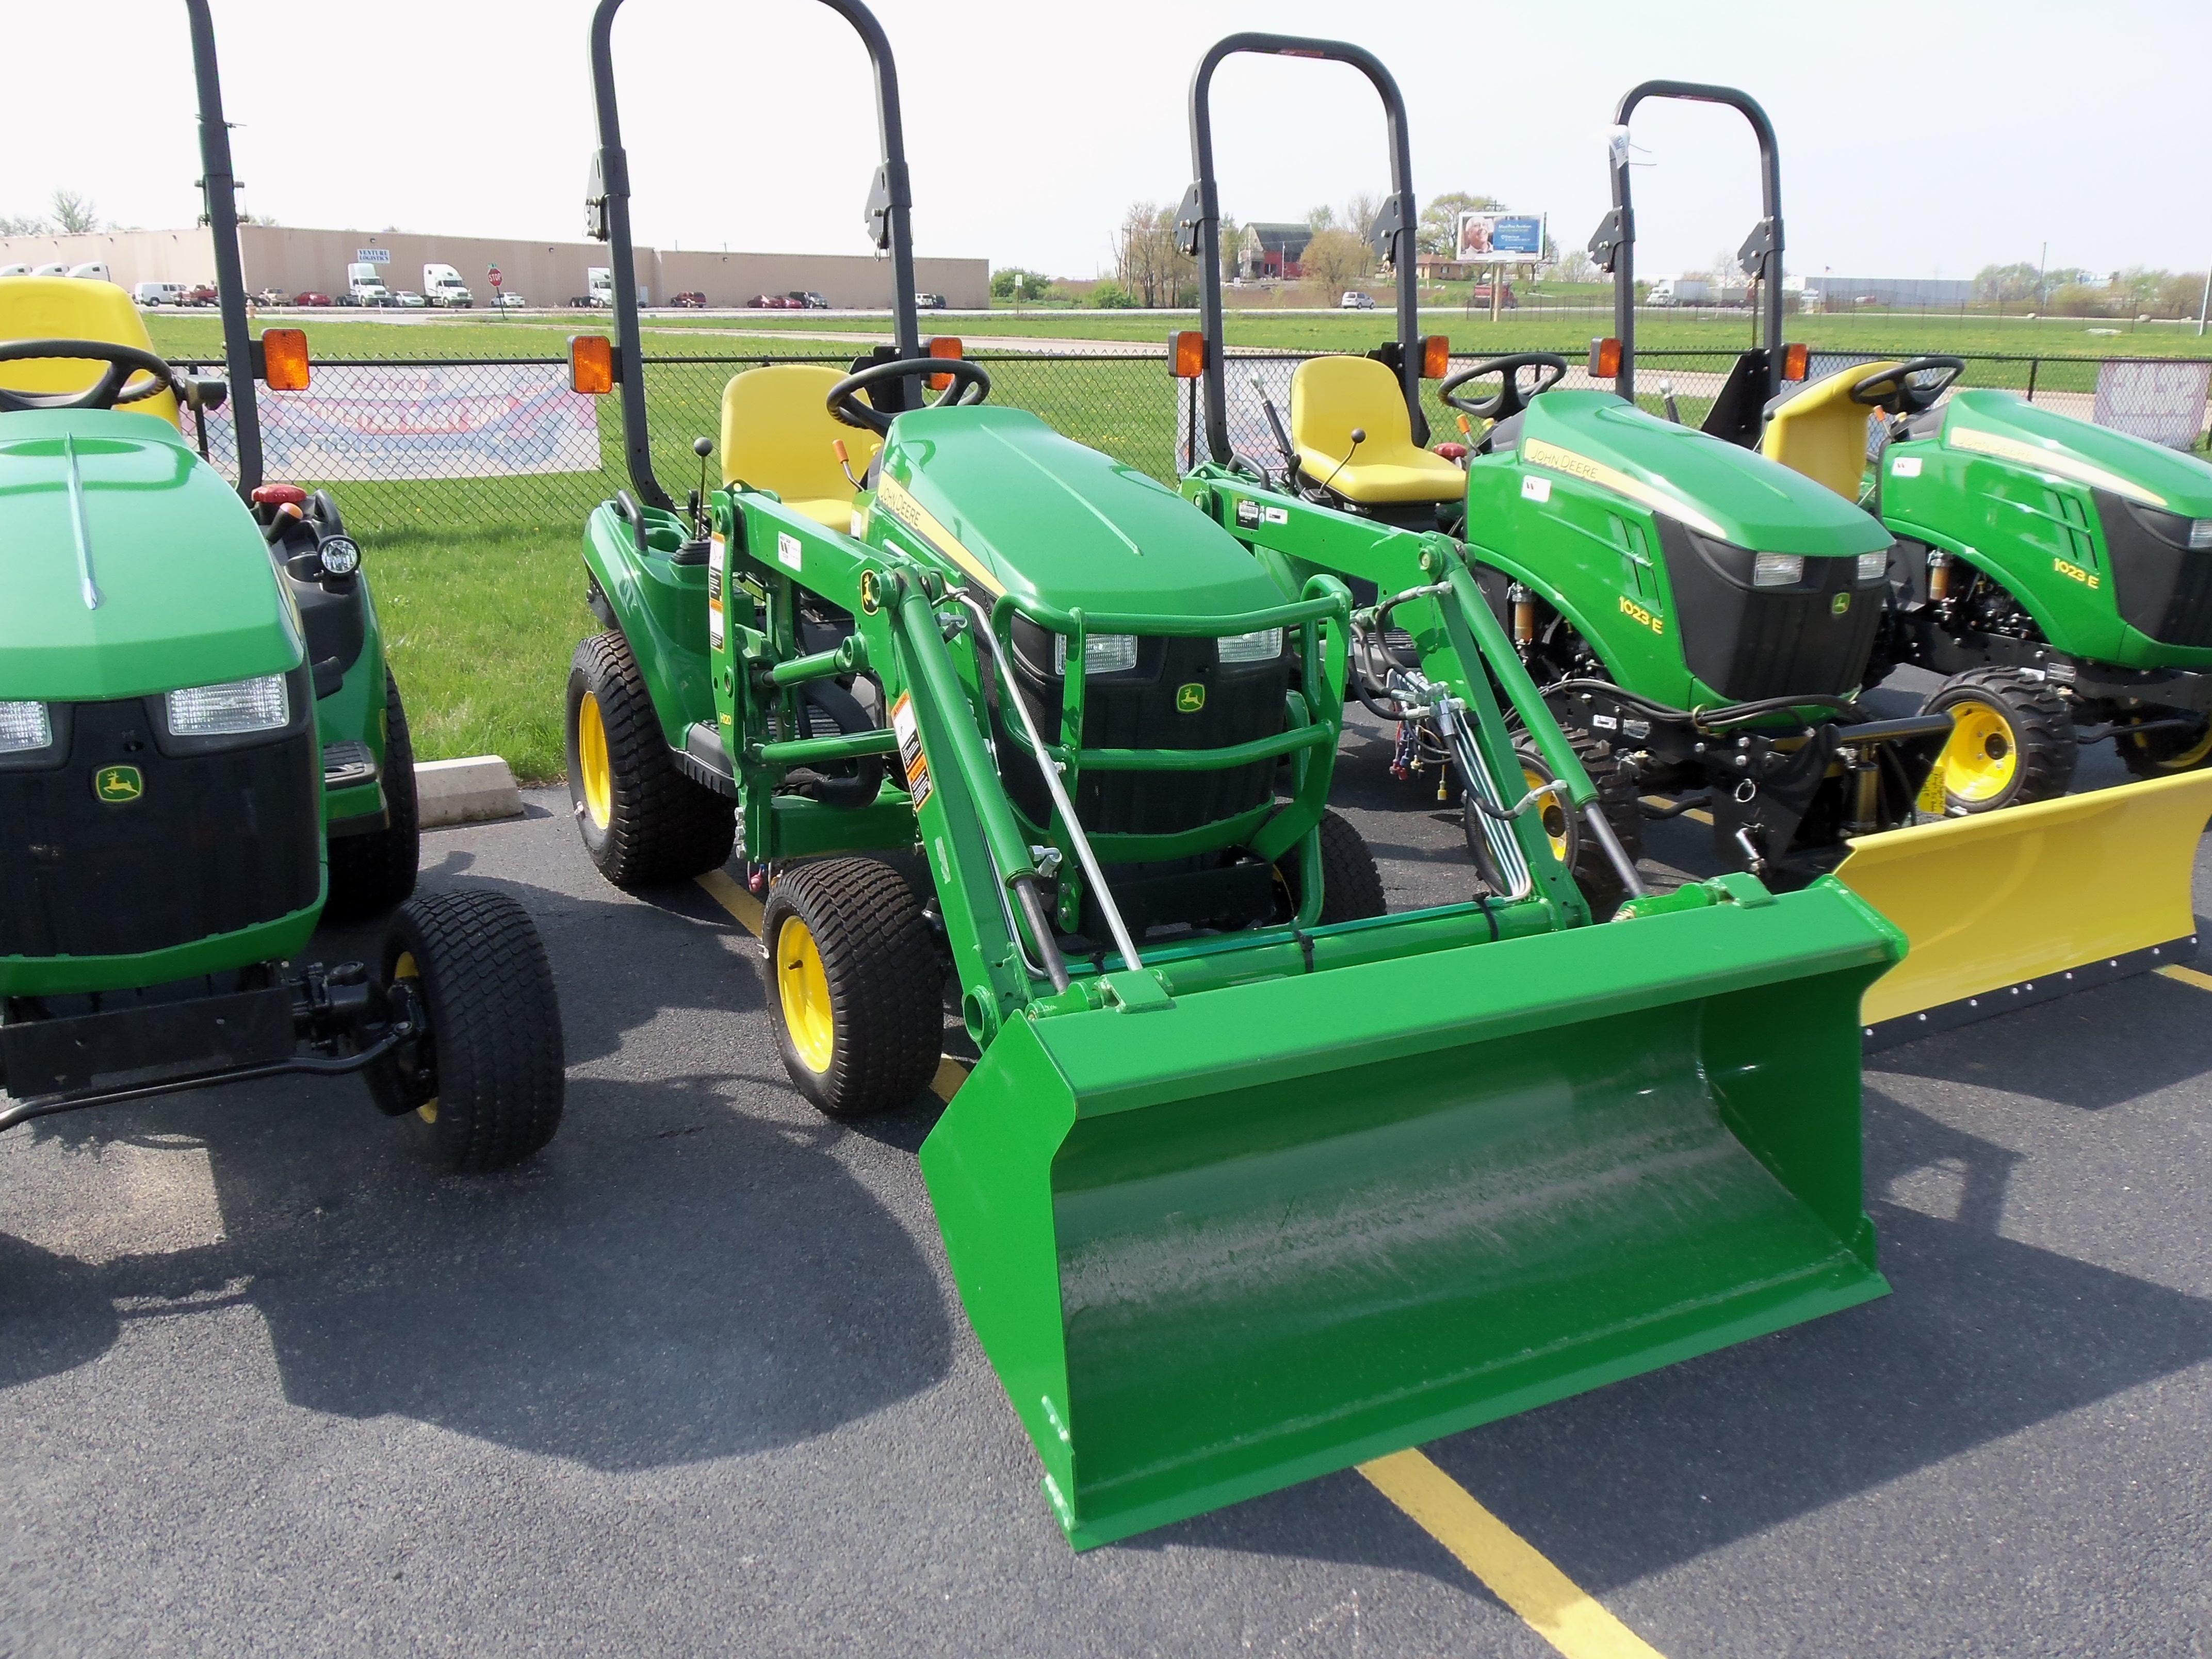 1023E with H120 loader | John Deere equipment | Pinterest